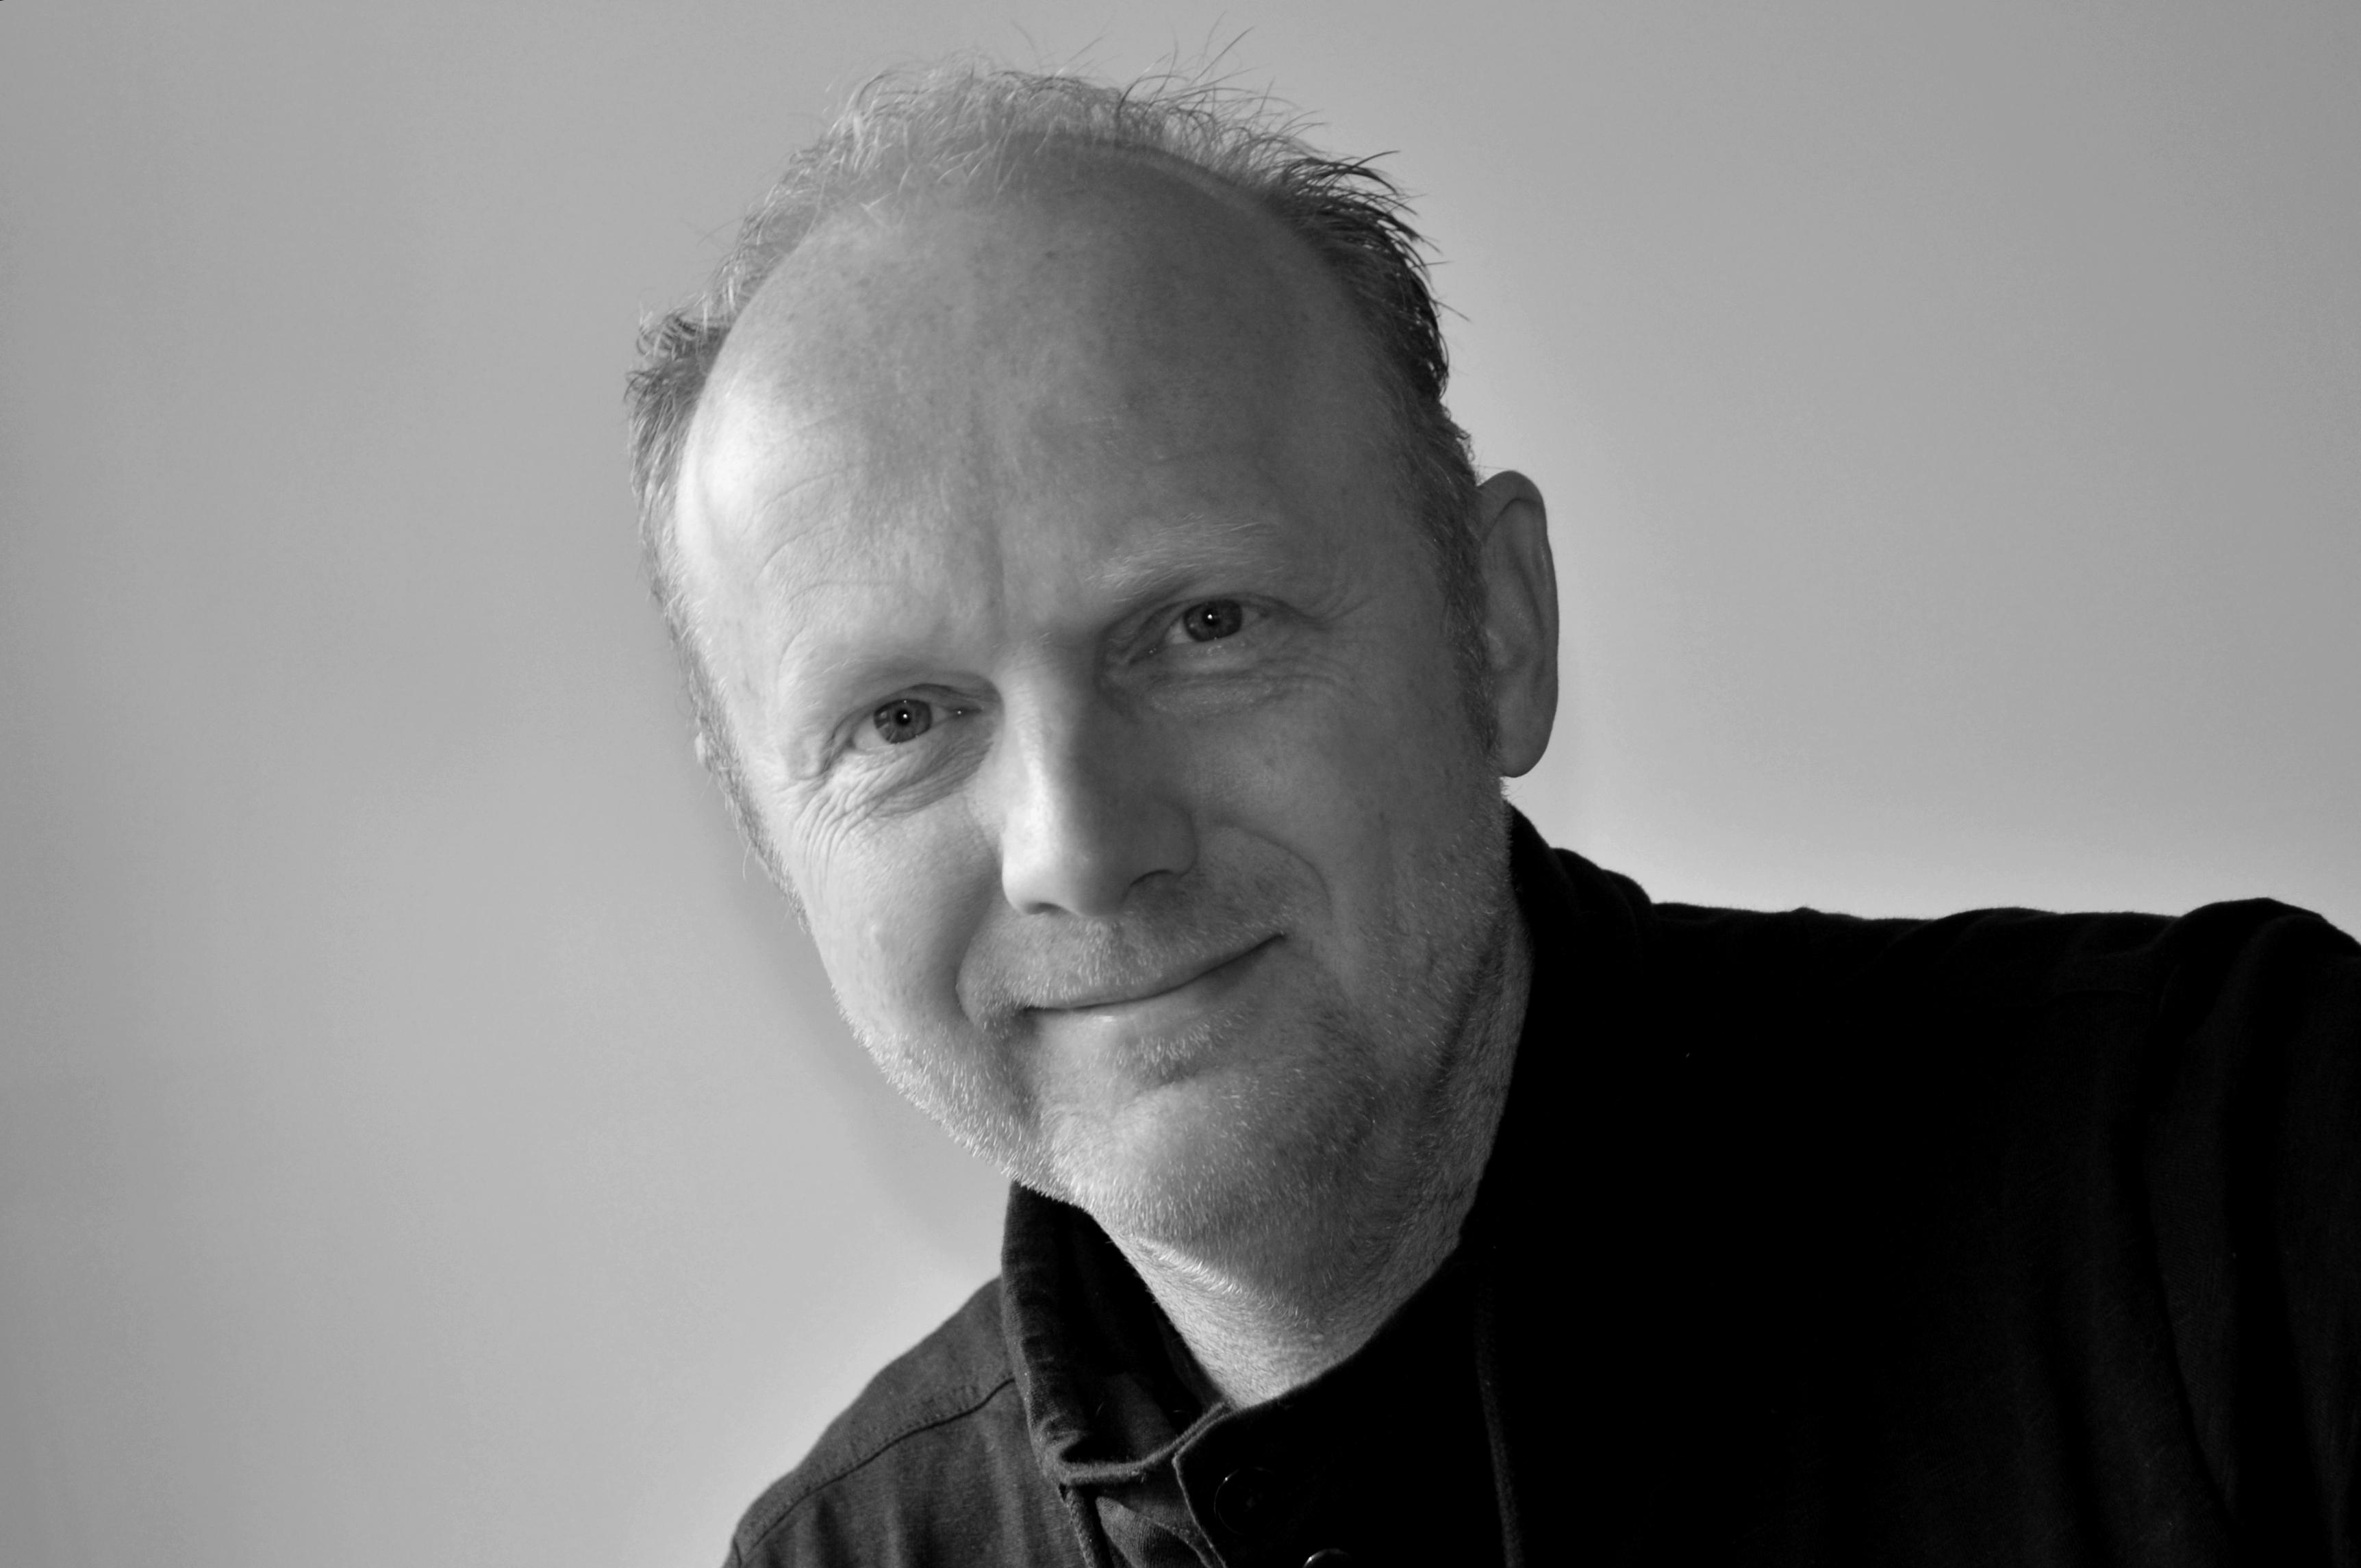 Herman Hobbelink